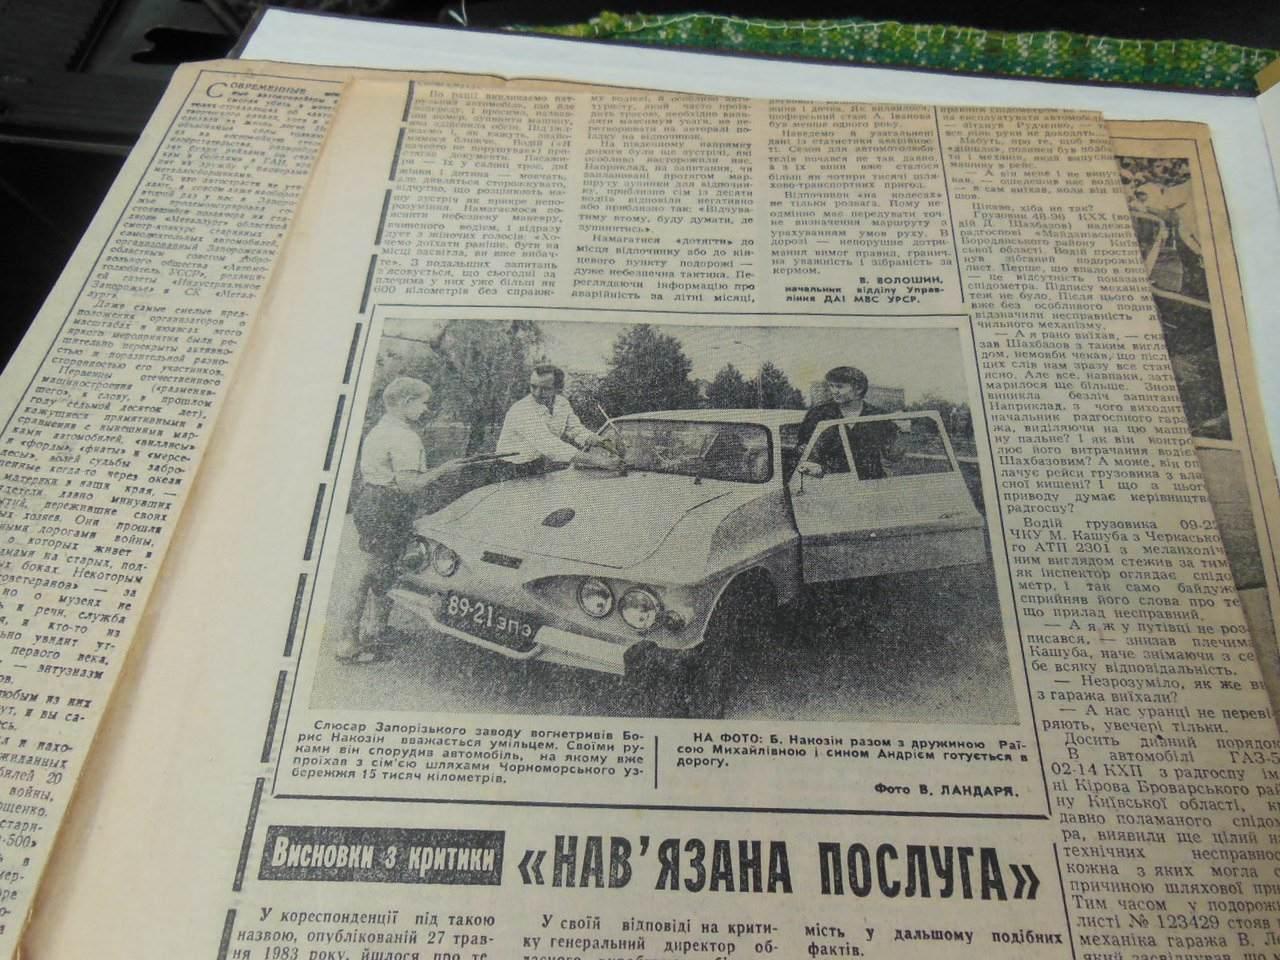 1980. МУСТАНГ. Украина (СССР). Запорожье. Автор Б.Накозин